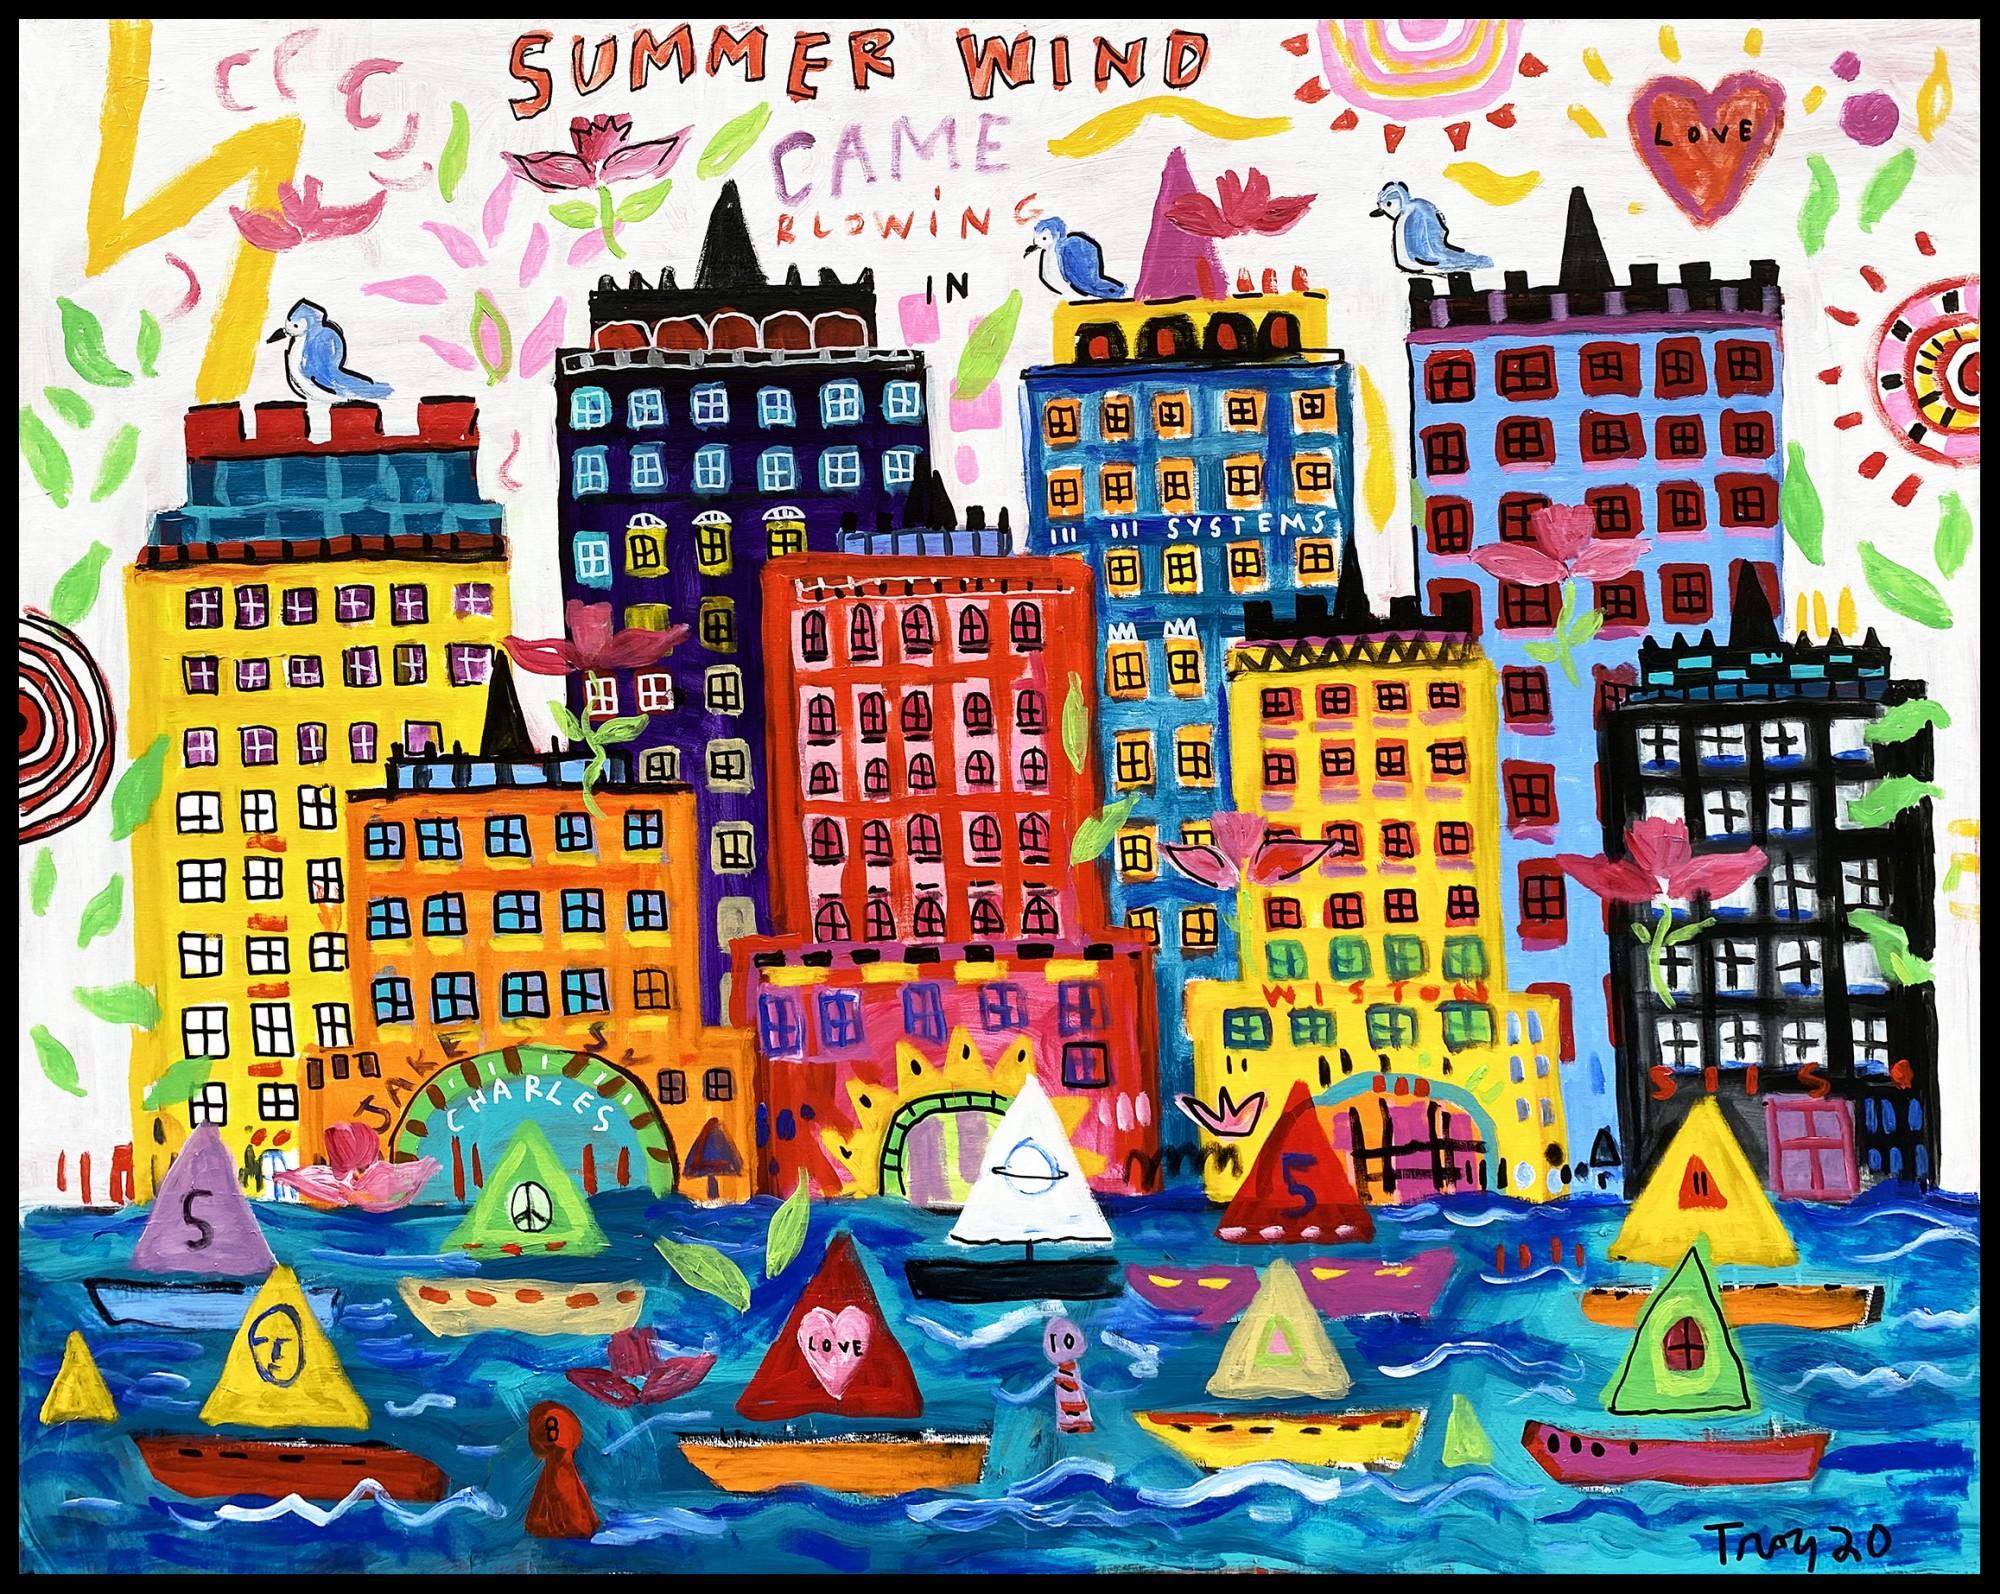 Troy Henriksen - Summer wind